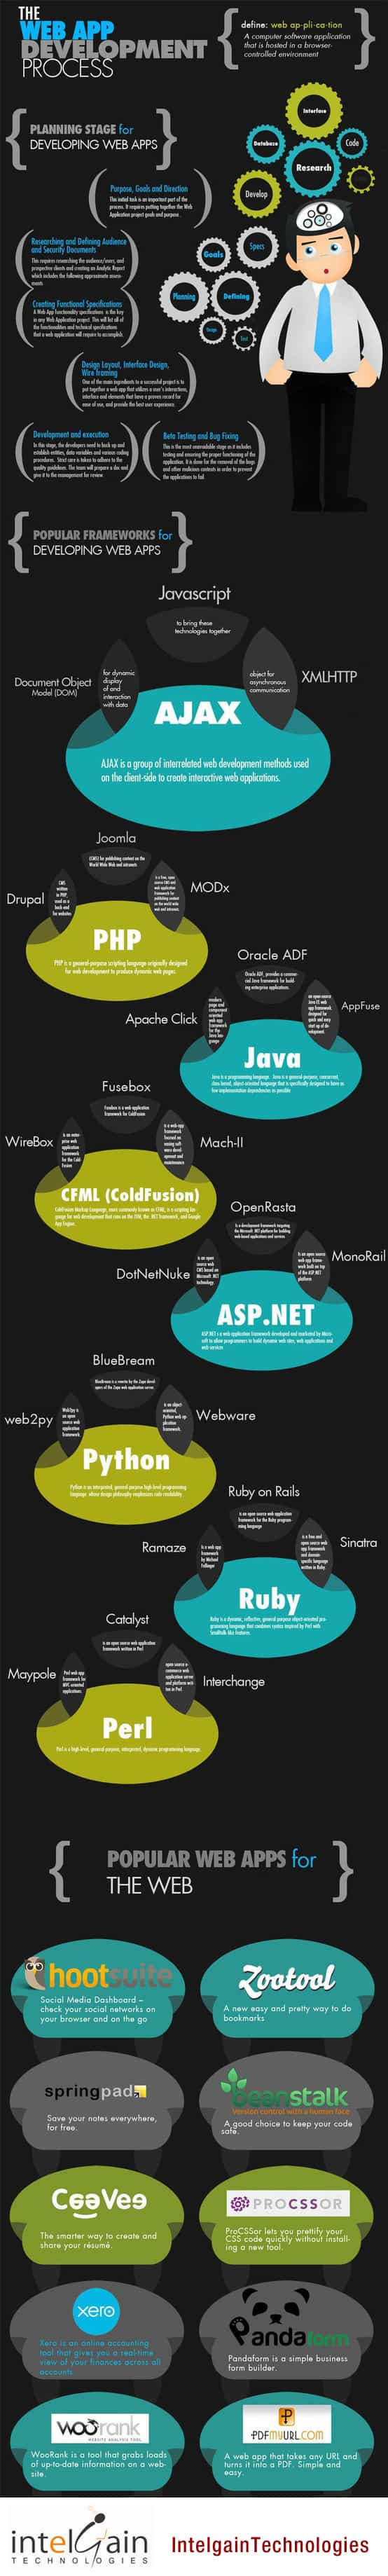 proceso de desarrollo de un aplicacion web